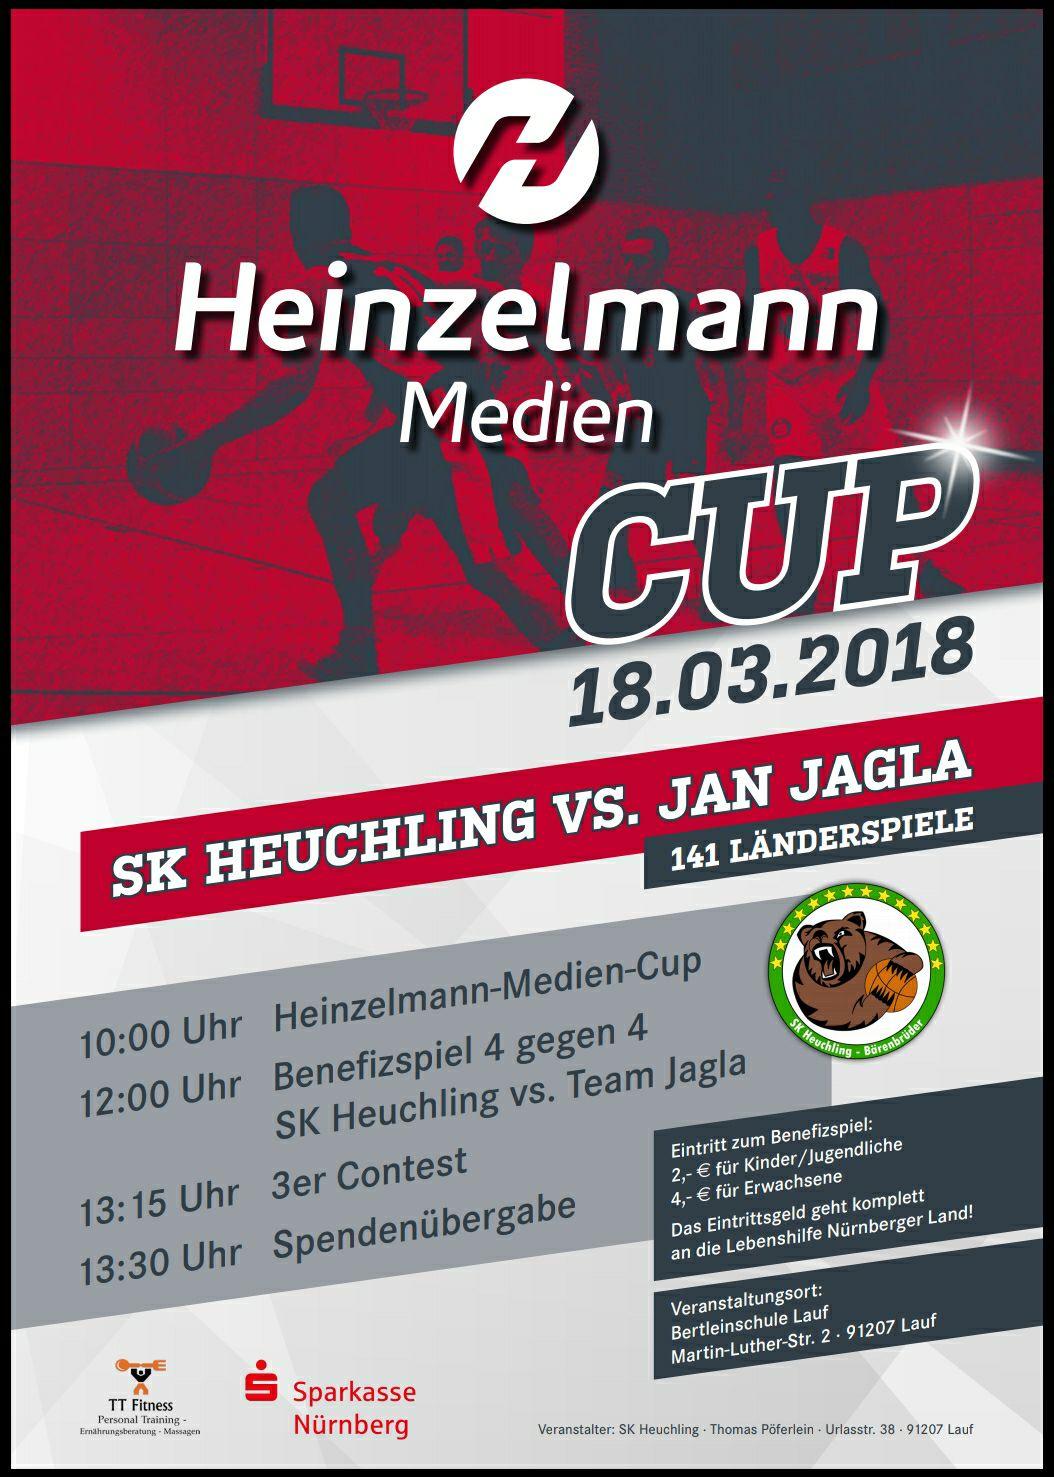 Basketball-Legende kommt nach Lauf: SK Heuchling vs. Jan Jagla – Einladung zum großen Benefiz-Heinzelmann-MedienCUP am 18.03.2018, 10 Uhr, Bertleinschule.